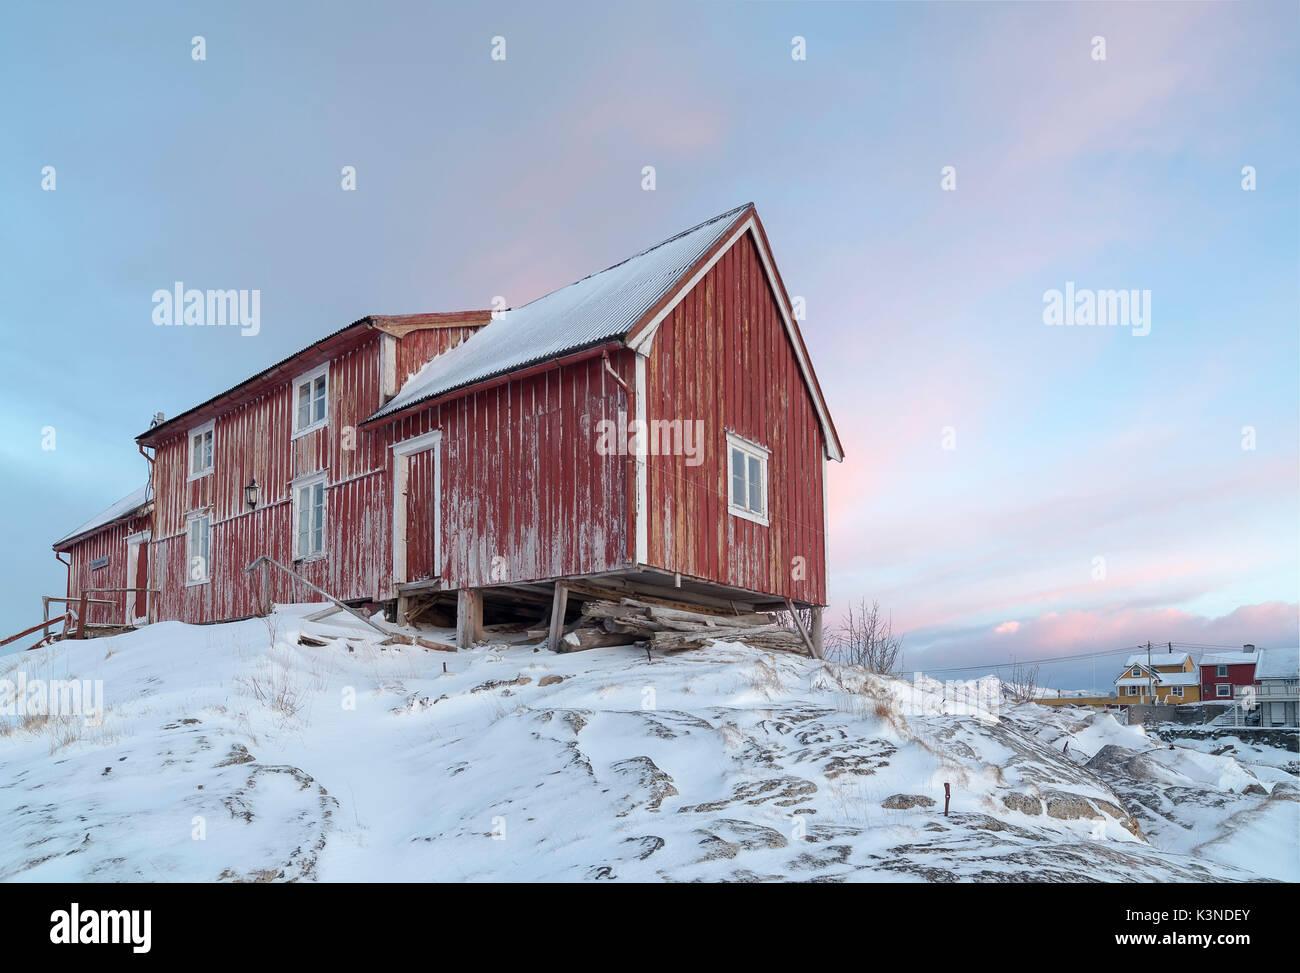 Típica casa noruega con coloridos cielo sobre los antecedentes, las islas Lofoten, Noruega Imagen De Stock